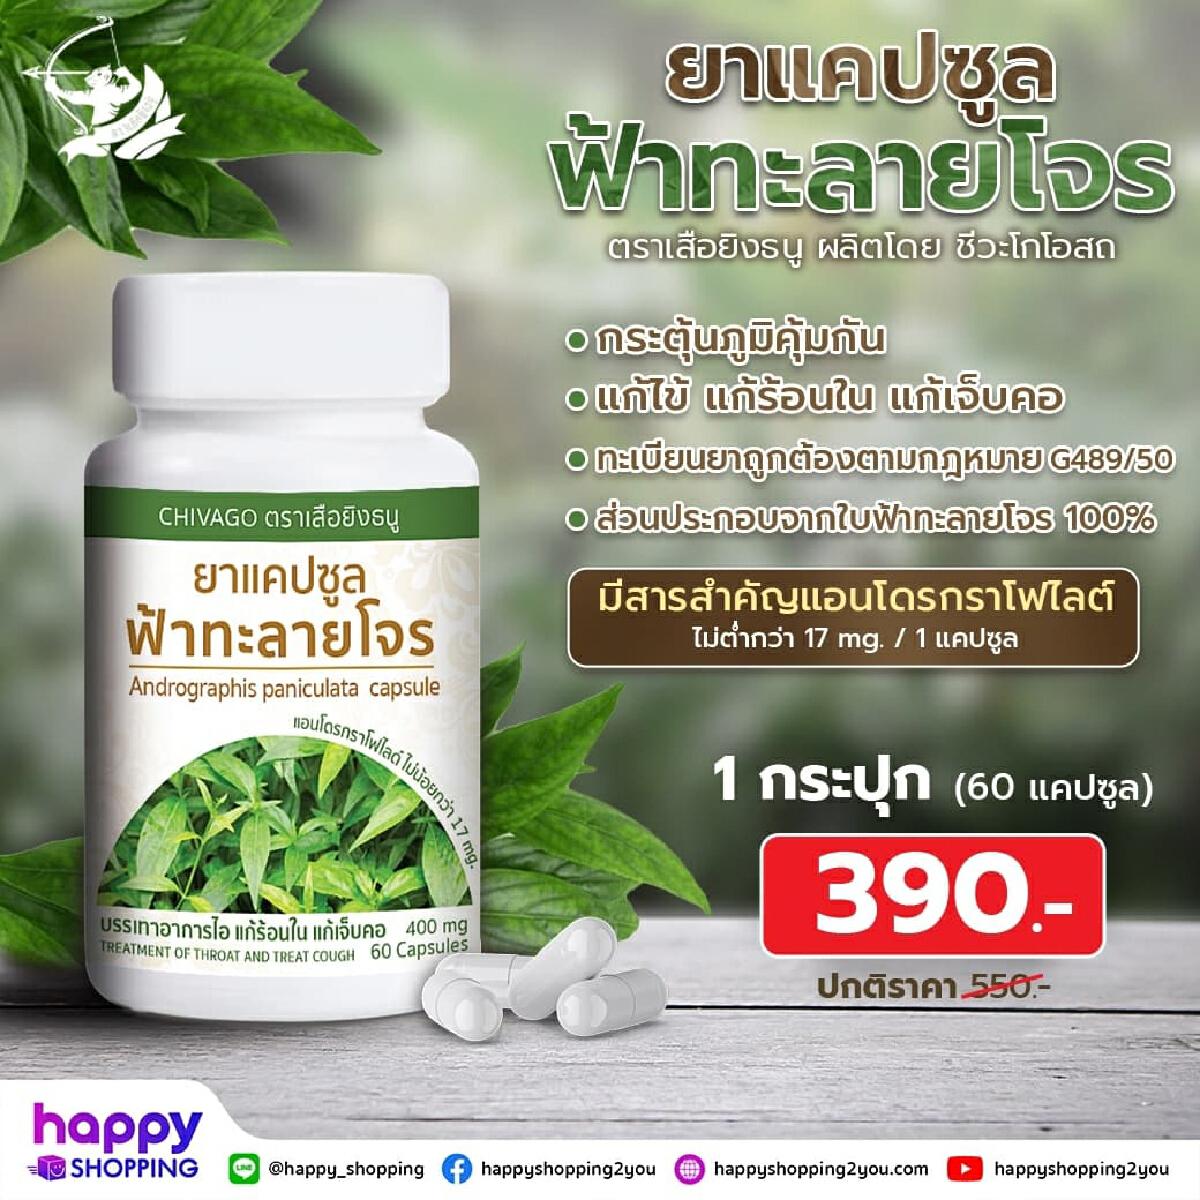 สมุนไพรไทย ช่วยเสริมภูมิคุ้มกัน ติดบ้านไว้ปลอดภัยจากเชื้อไวรัส